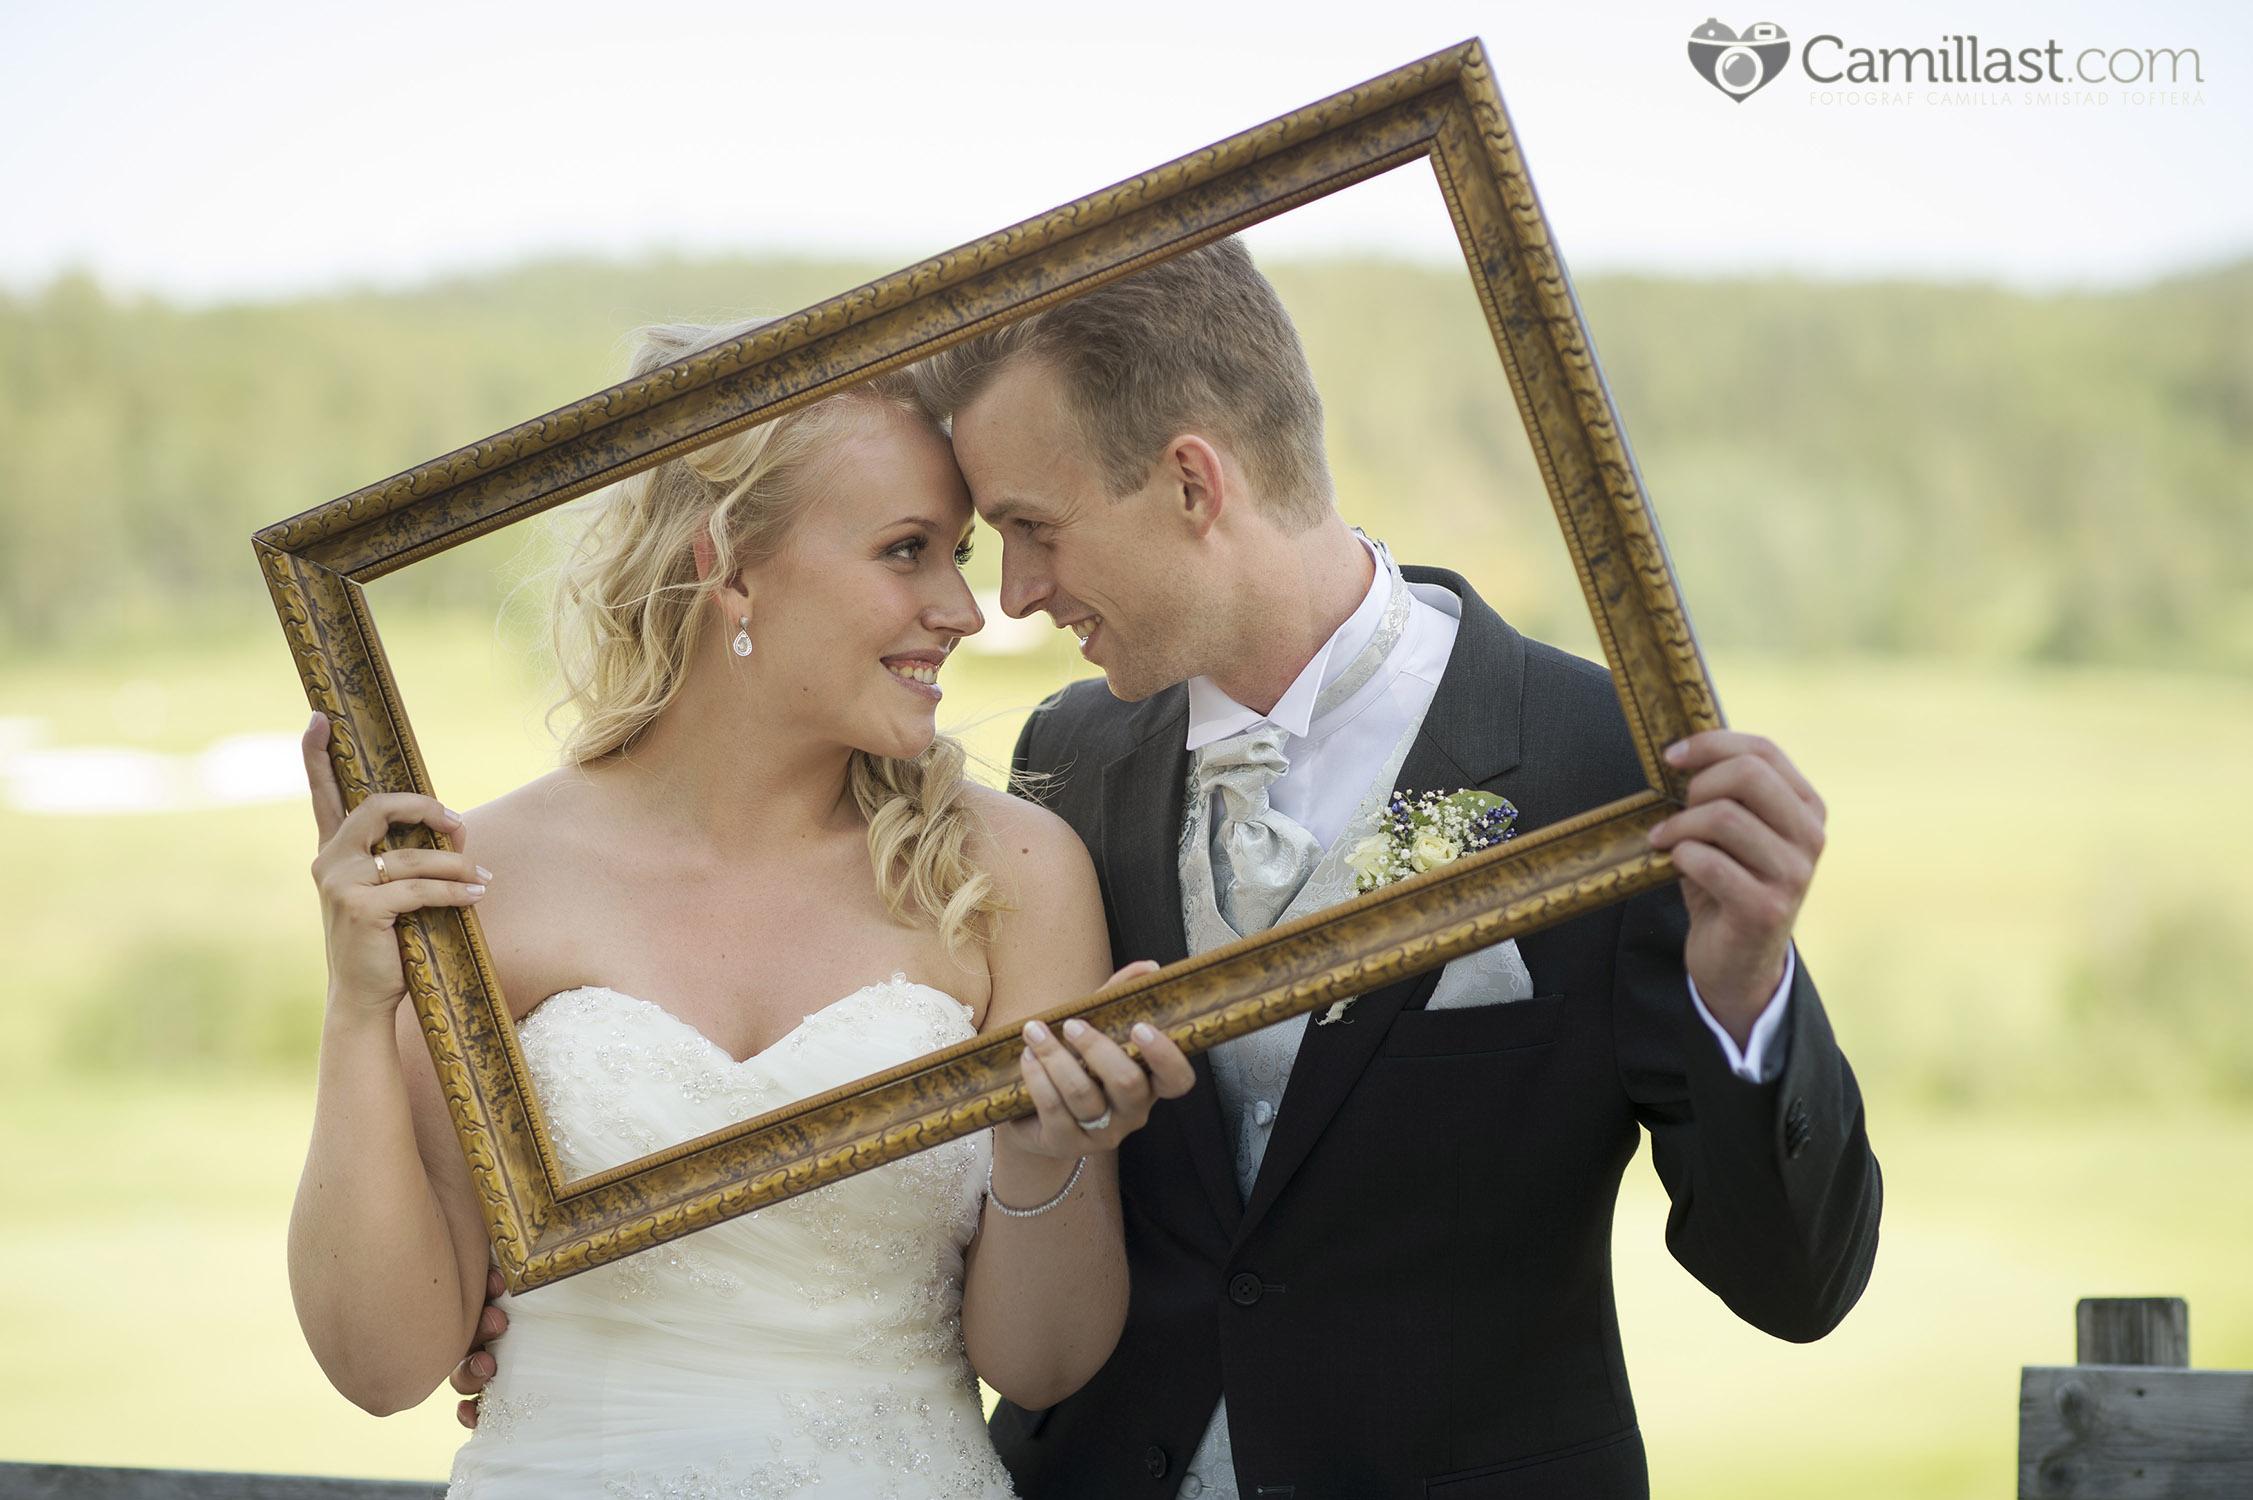 Bryllup Camilla Henrik 20150704Fotograf CamillaST238 copy.jpg